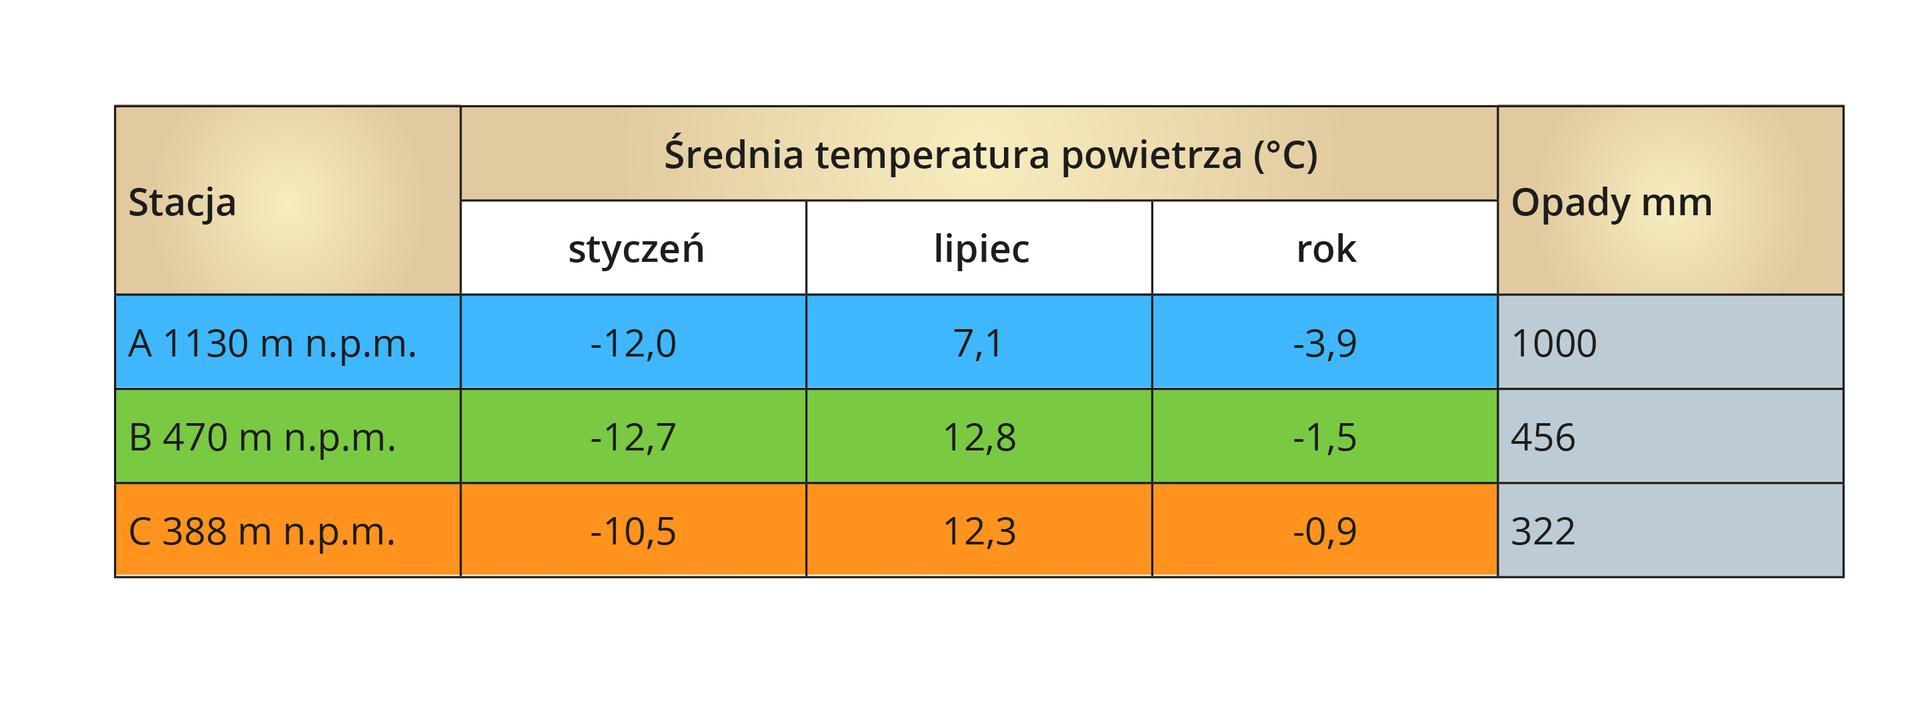 Dane ztrzech stacji klimatycznych położonych na różnych wysokościach nad poziomem morza. Stacja Aznajduje się na wysokości 1130 metrów nad poziomem morza. Średnia temperatura wstyczniu: minus 12 stopni Celsjusza. Średnia temperatura wlipcu: 7,1 stopnia Celsjusza. Średnia roczna temperatura: minus 3,9 stopni Celsjusza. Opady -1000 milimetrów. Stacja Bznajduje się na wysokości 470 mn.p.m. Średnia temperatura wstyczniu: minus 12,7 stopnia Celsjusza. Średnia temperatura wlipcu: 12,8 stopnia Celsjusza. Średnia roczna temperatura: minus 1,5 stopni Celsjusza. Opady wmilimetrach: 456. Stacja Cznajduje się na wysokości 388 mn.p.m. Średnia temperatura wstyczniu: minus 10,5 stopnia Celsjusza. Średnia temperatura wlipcu: 12,3 stopnia Celsjusza. Średnia roczna temperatura: minus 0,9 stopni Celsjusza. Opady wmilimetrach: 322.